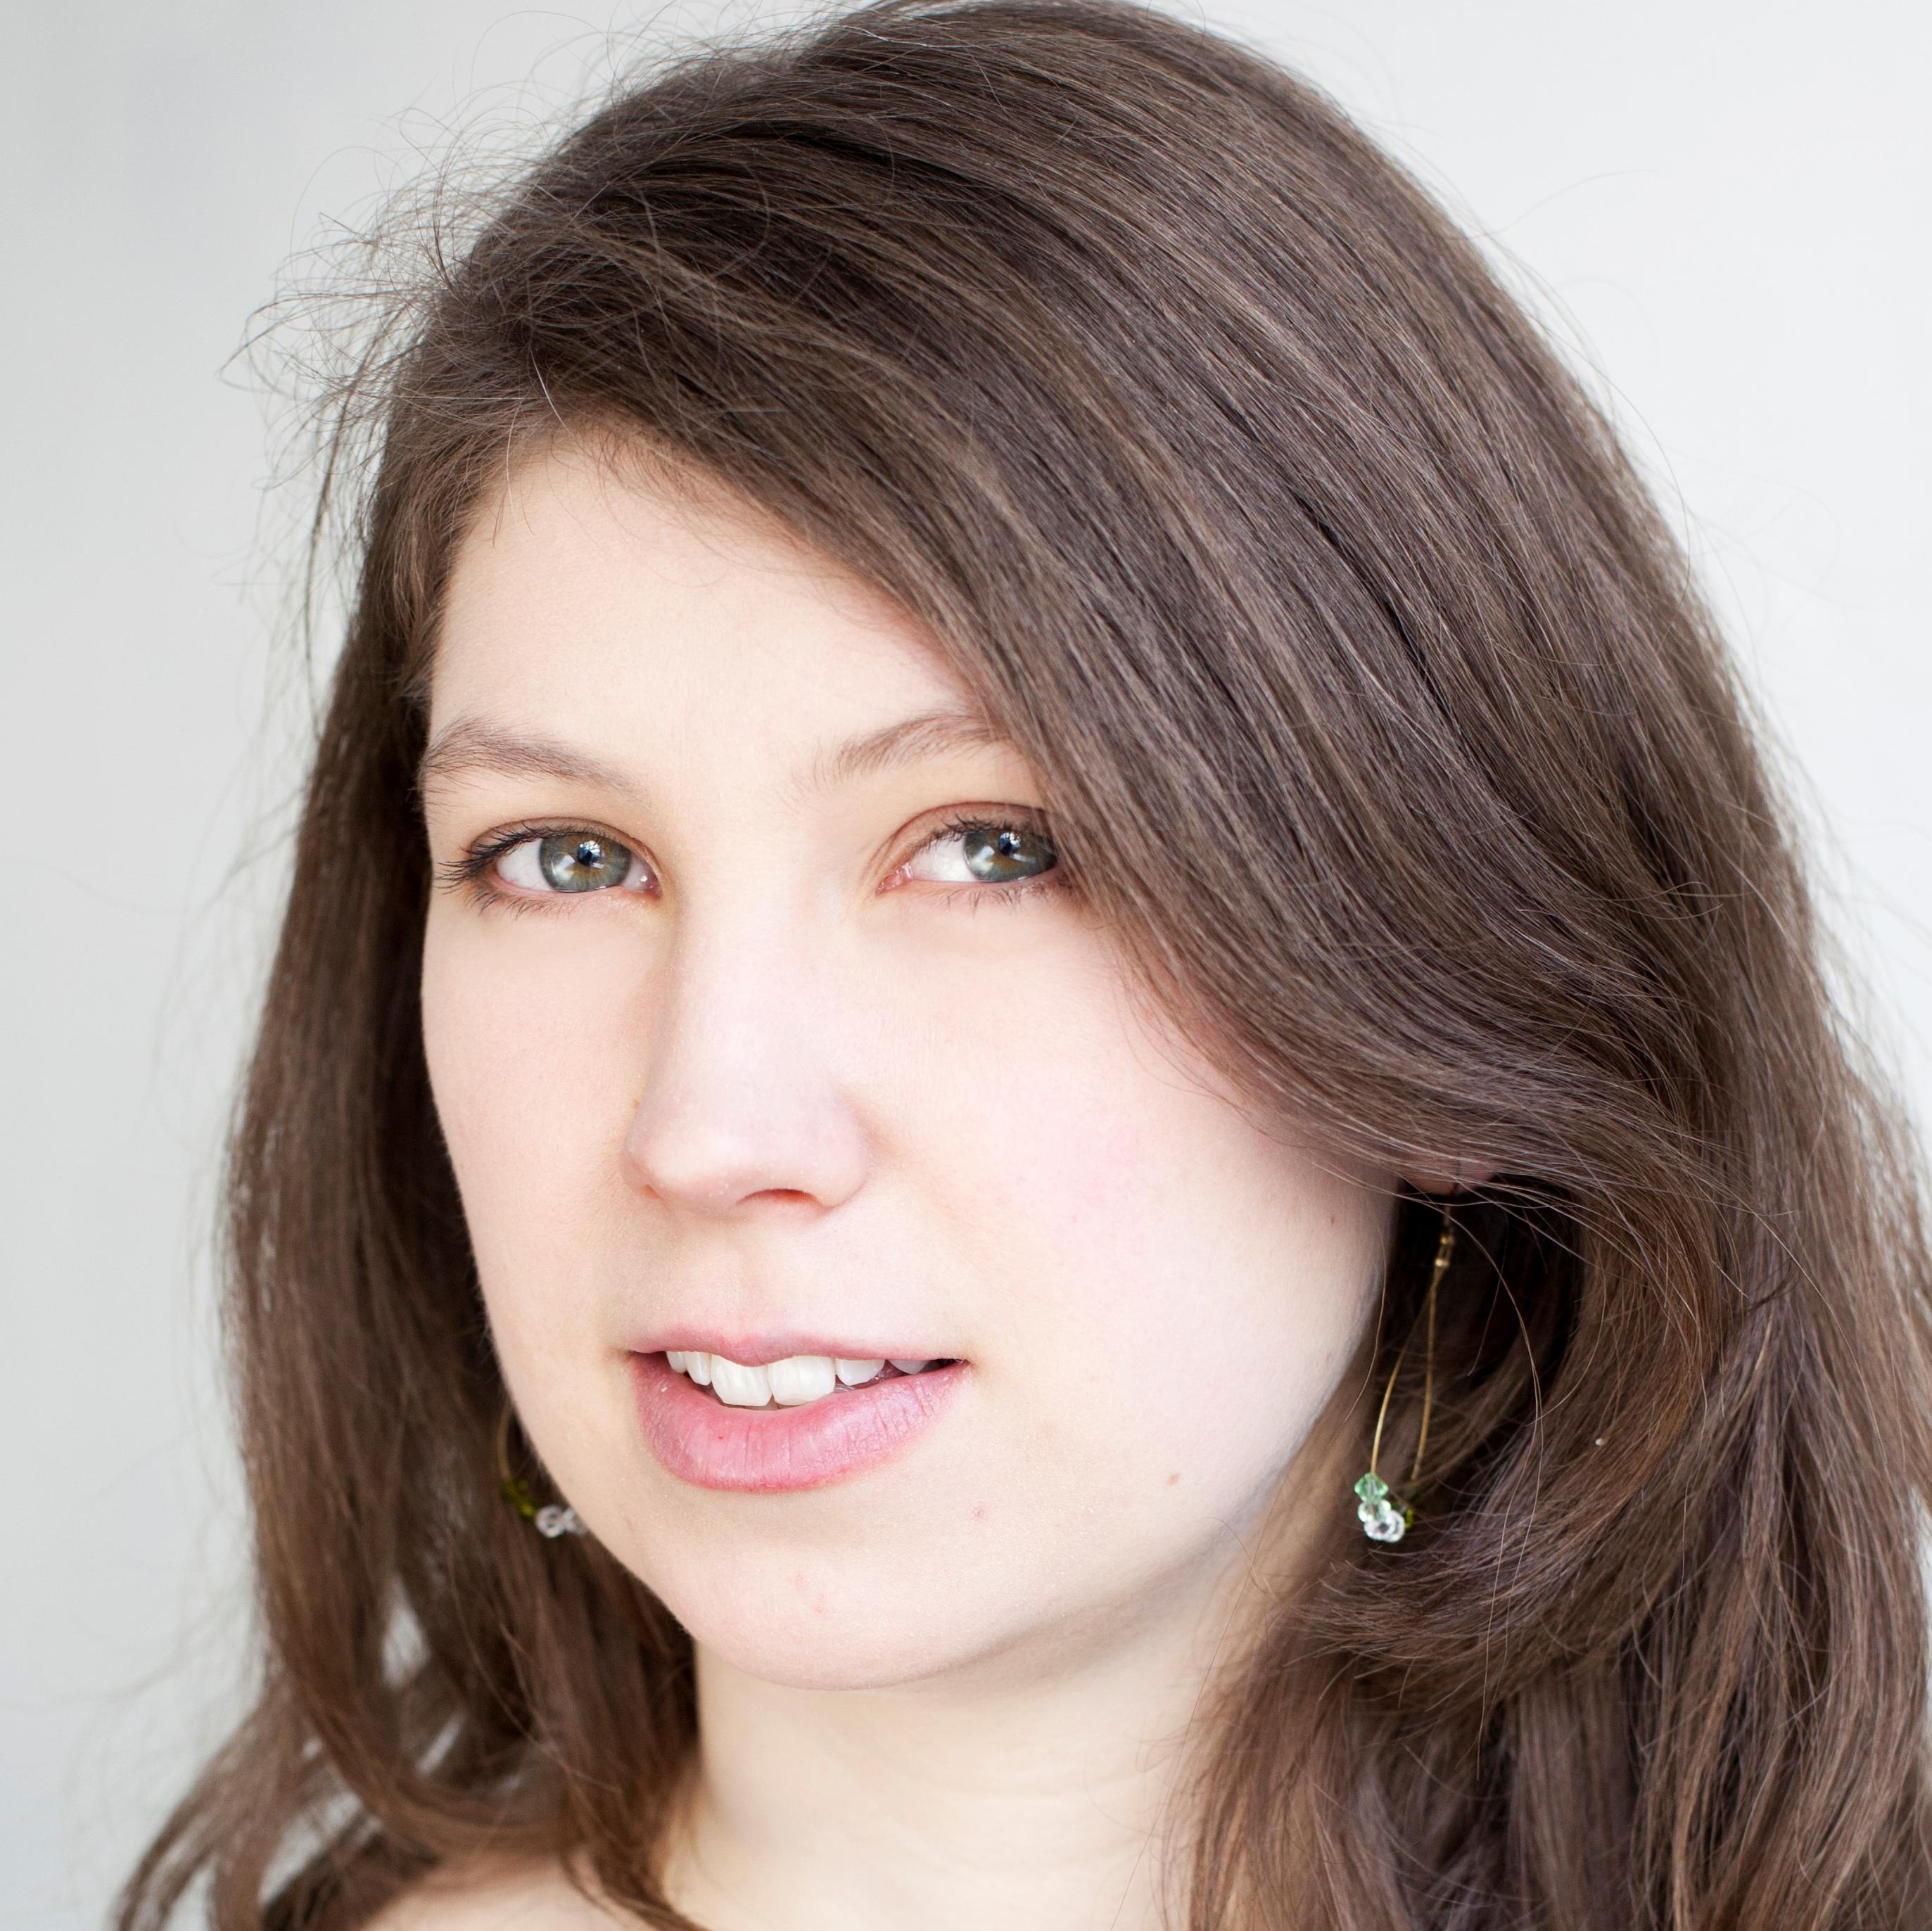 Sophie Rohrmeier